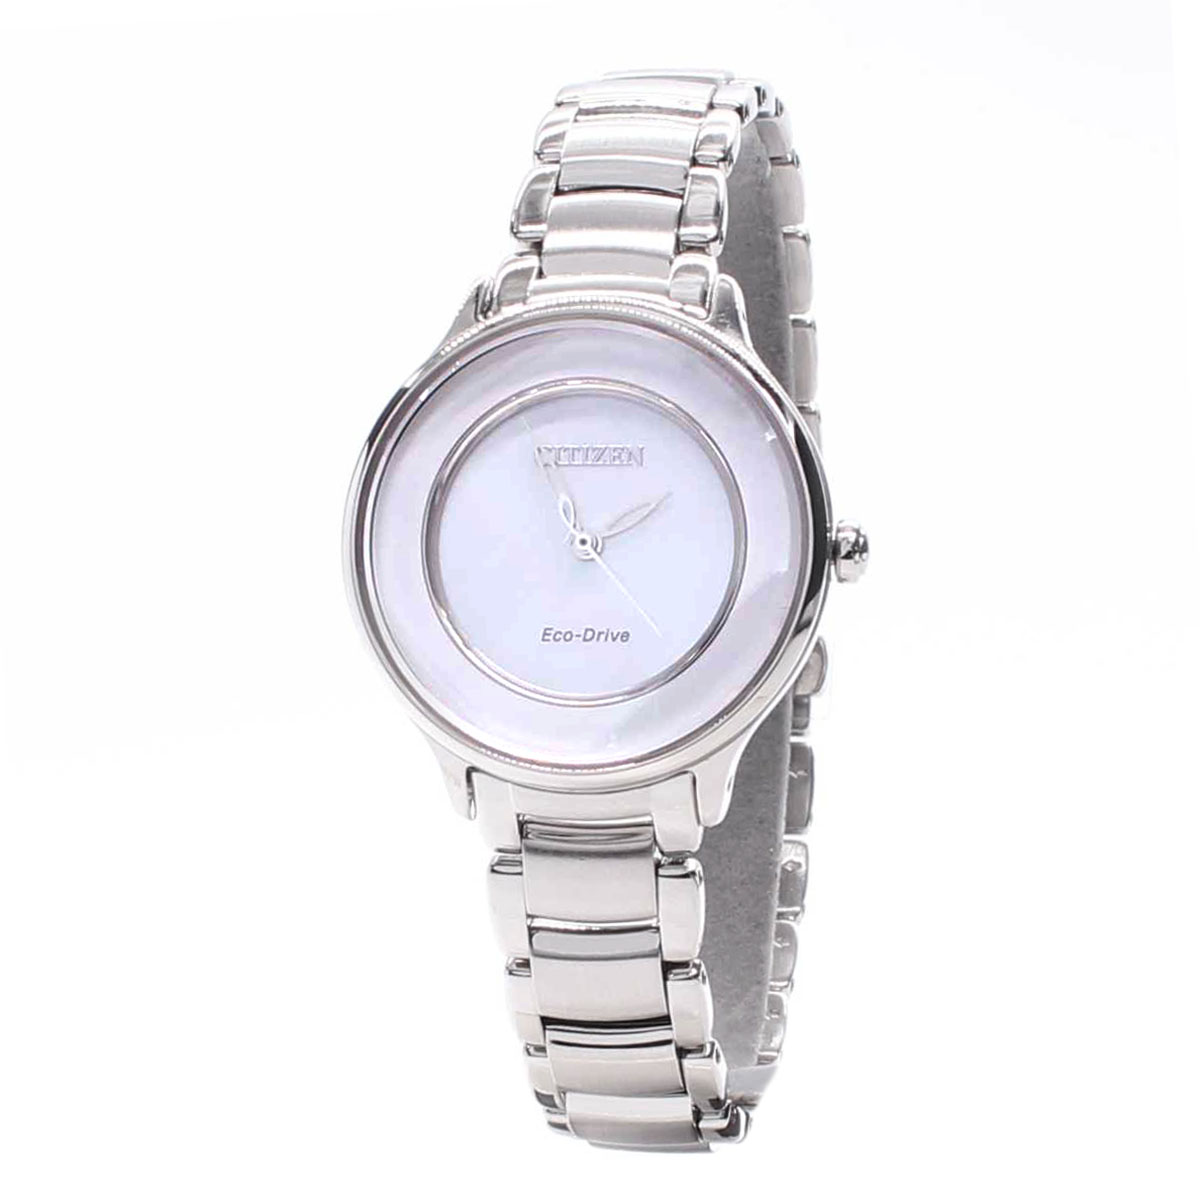 นาฬิกาข้อมือผู้หญิง Citizen Eco-Drive รุ่น EM0380-57D